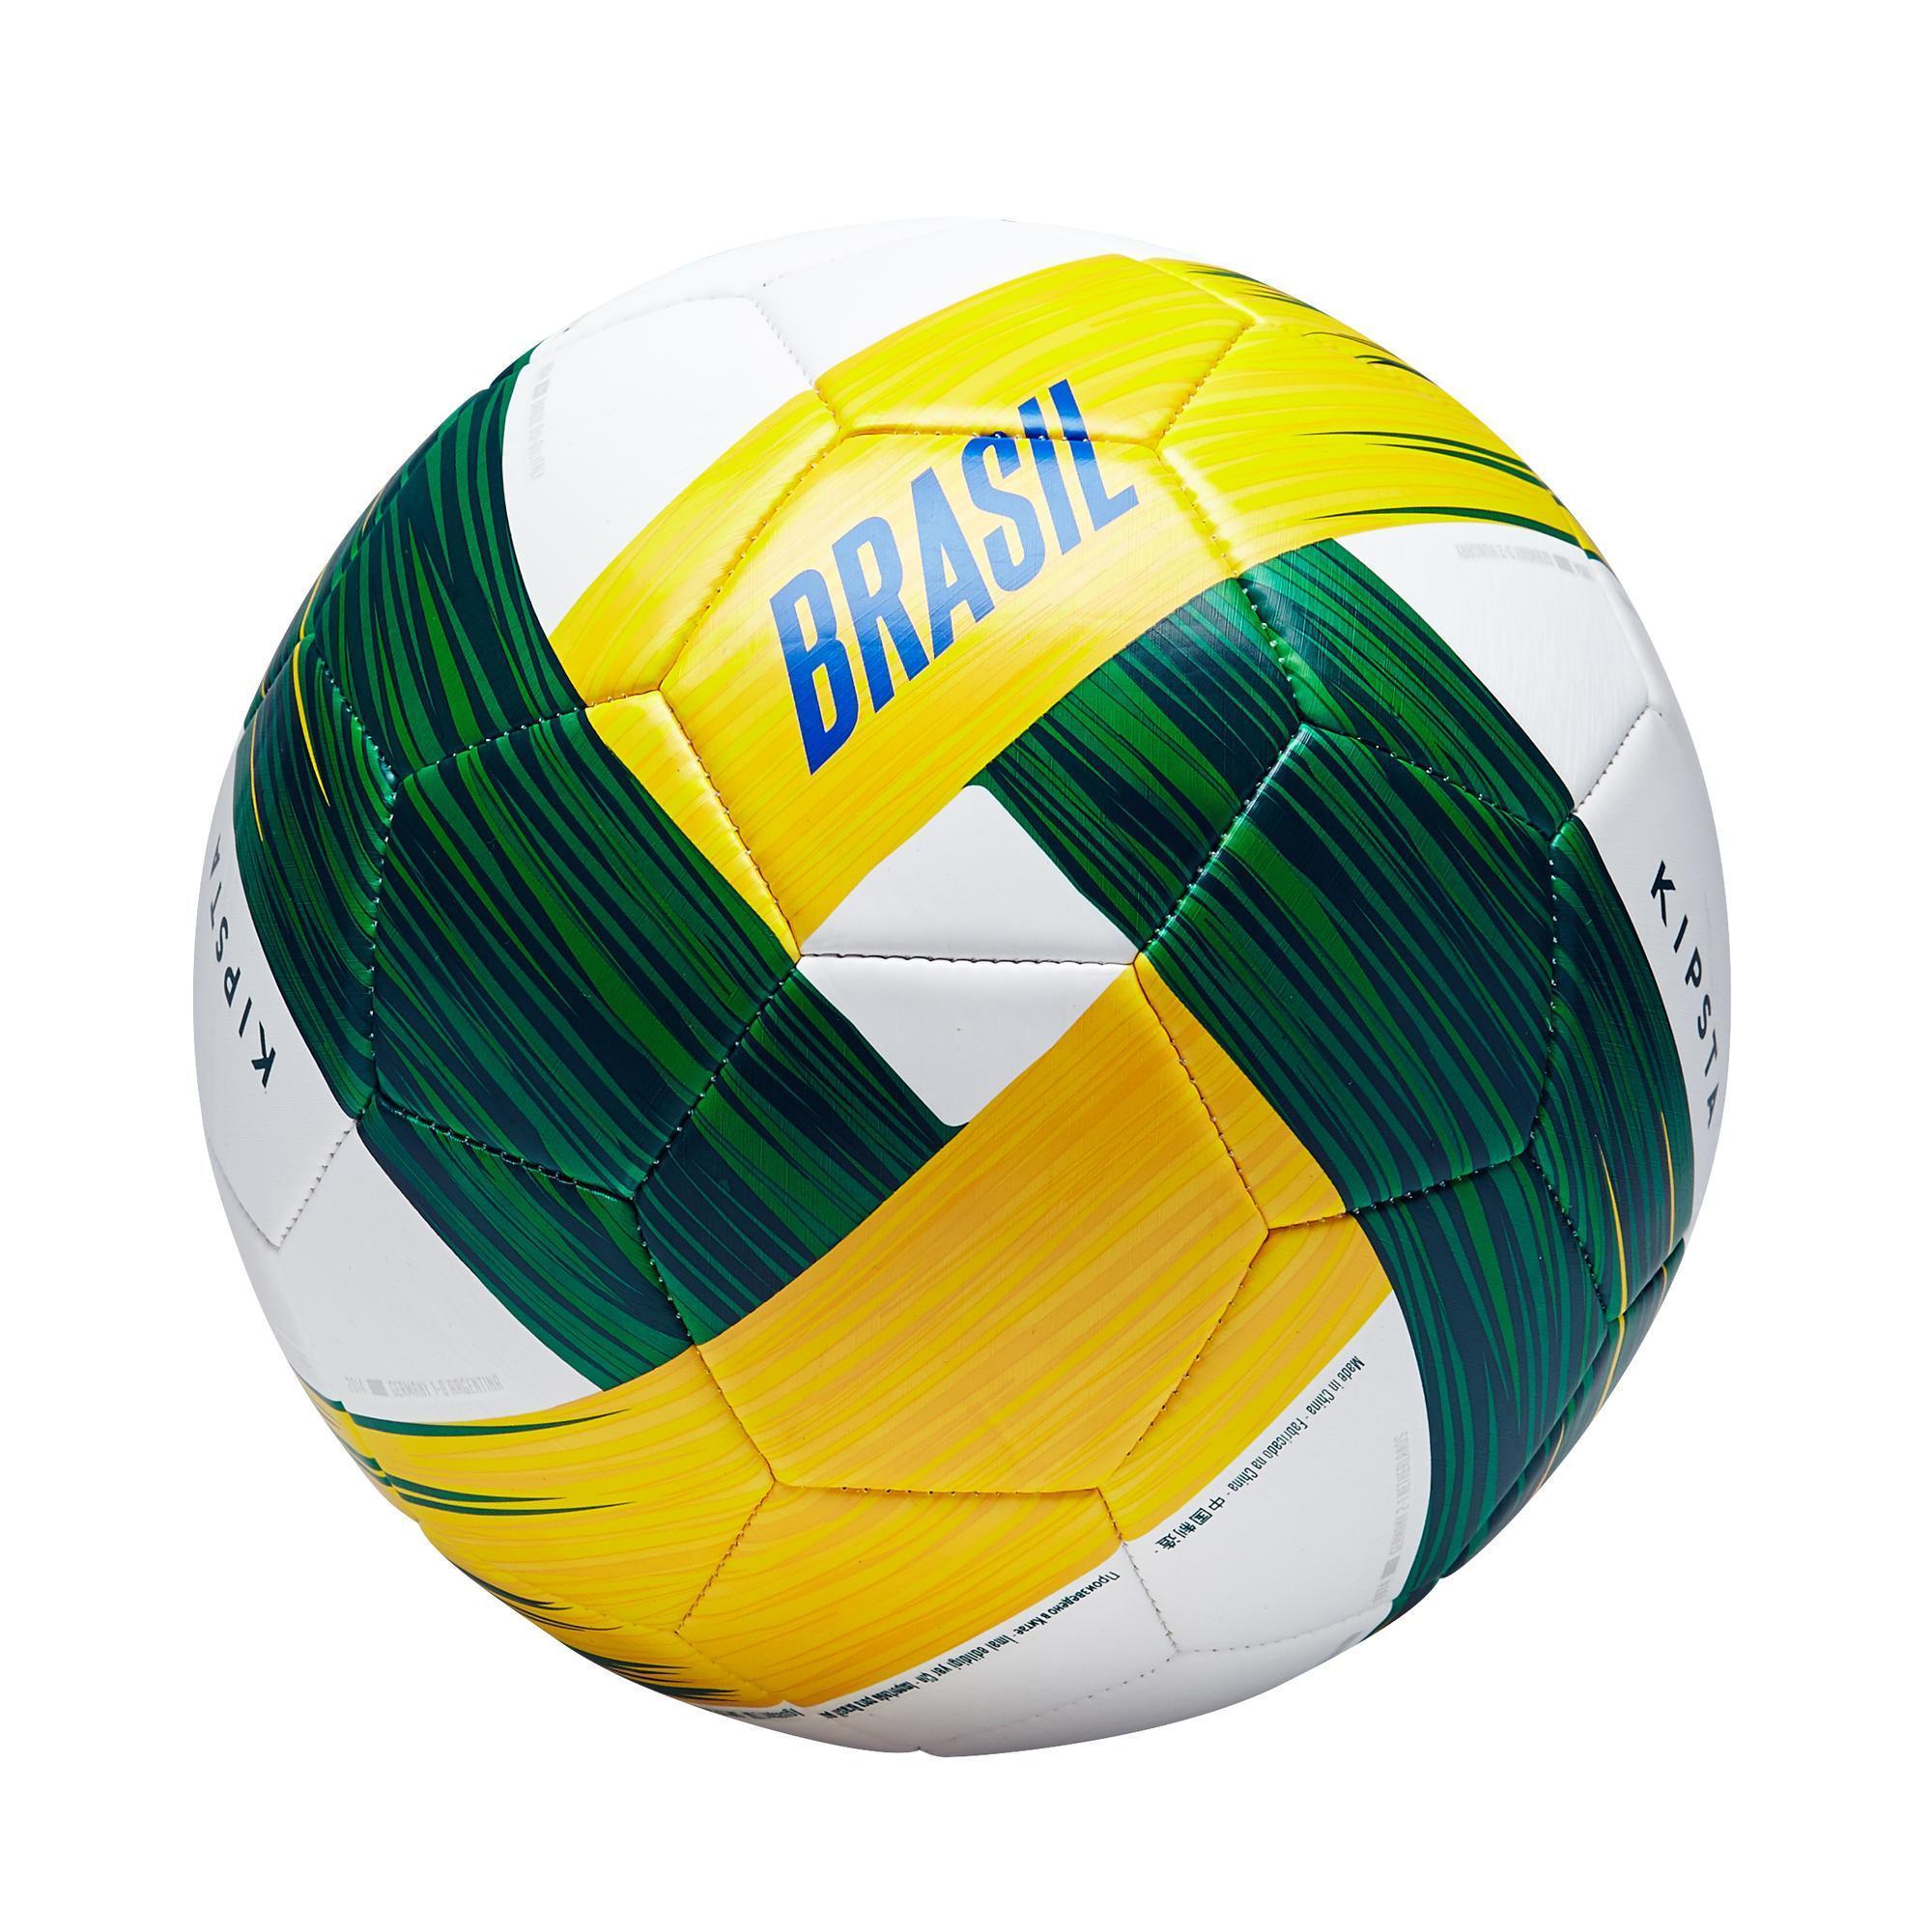 cdf08c04b38fa Comprar Balones de Fútbol 11 y Fútbol 7